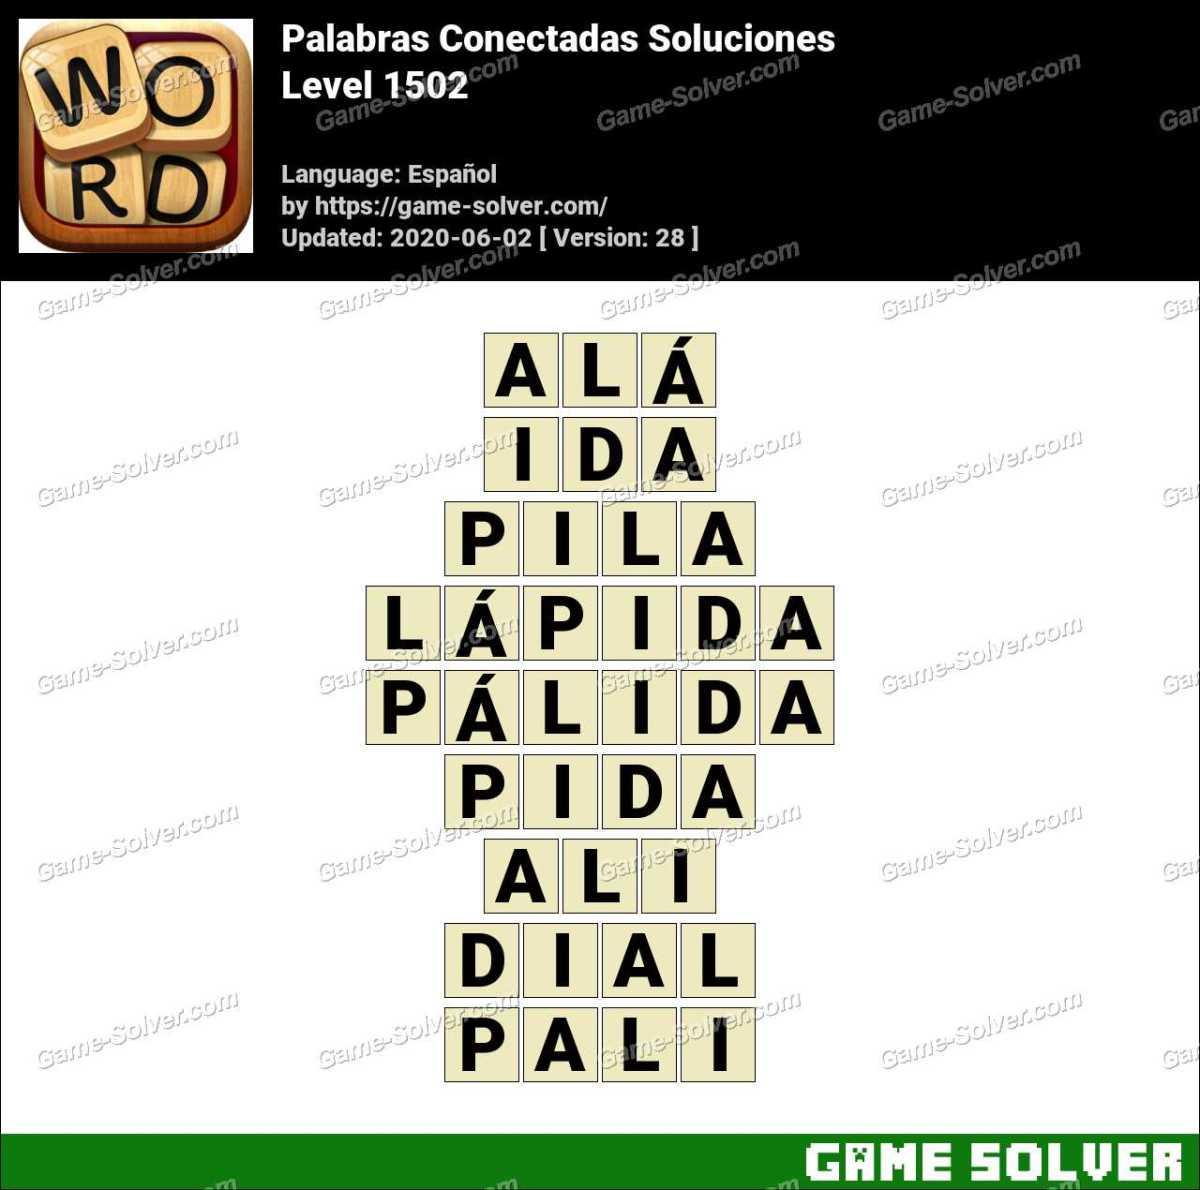 Palabras Conectadas Nivel 1502 Soluciones